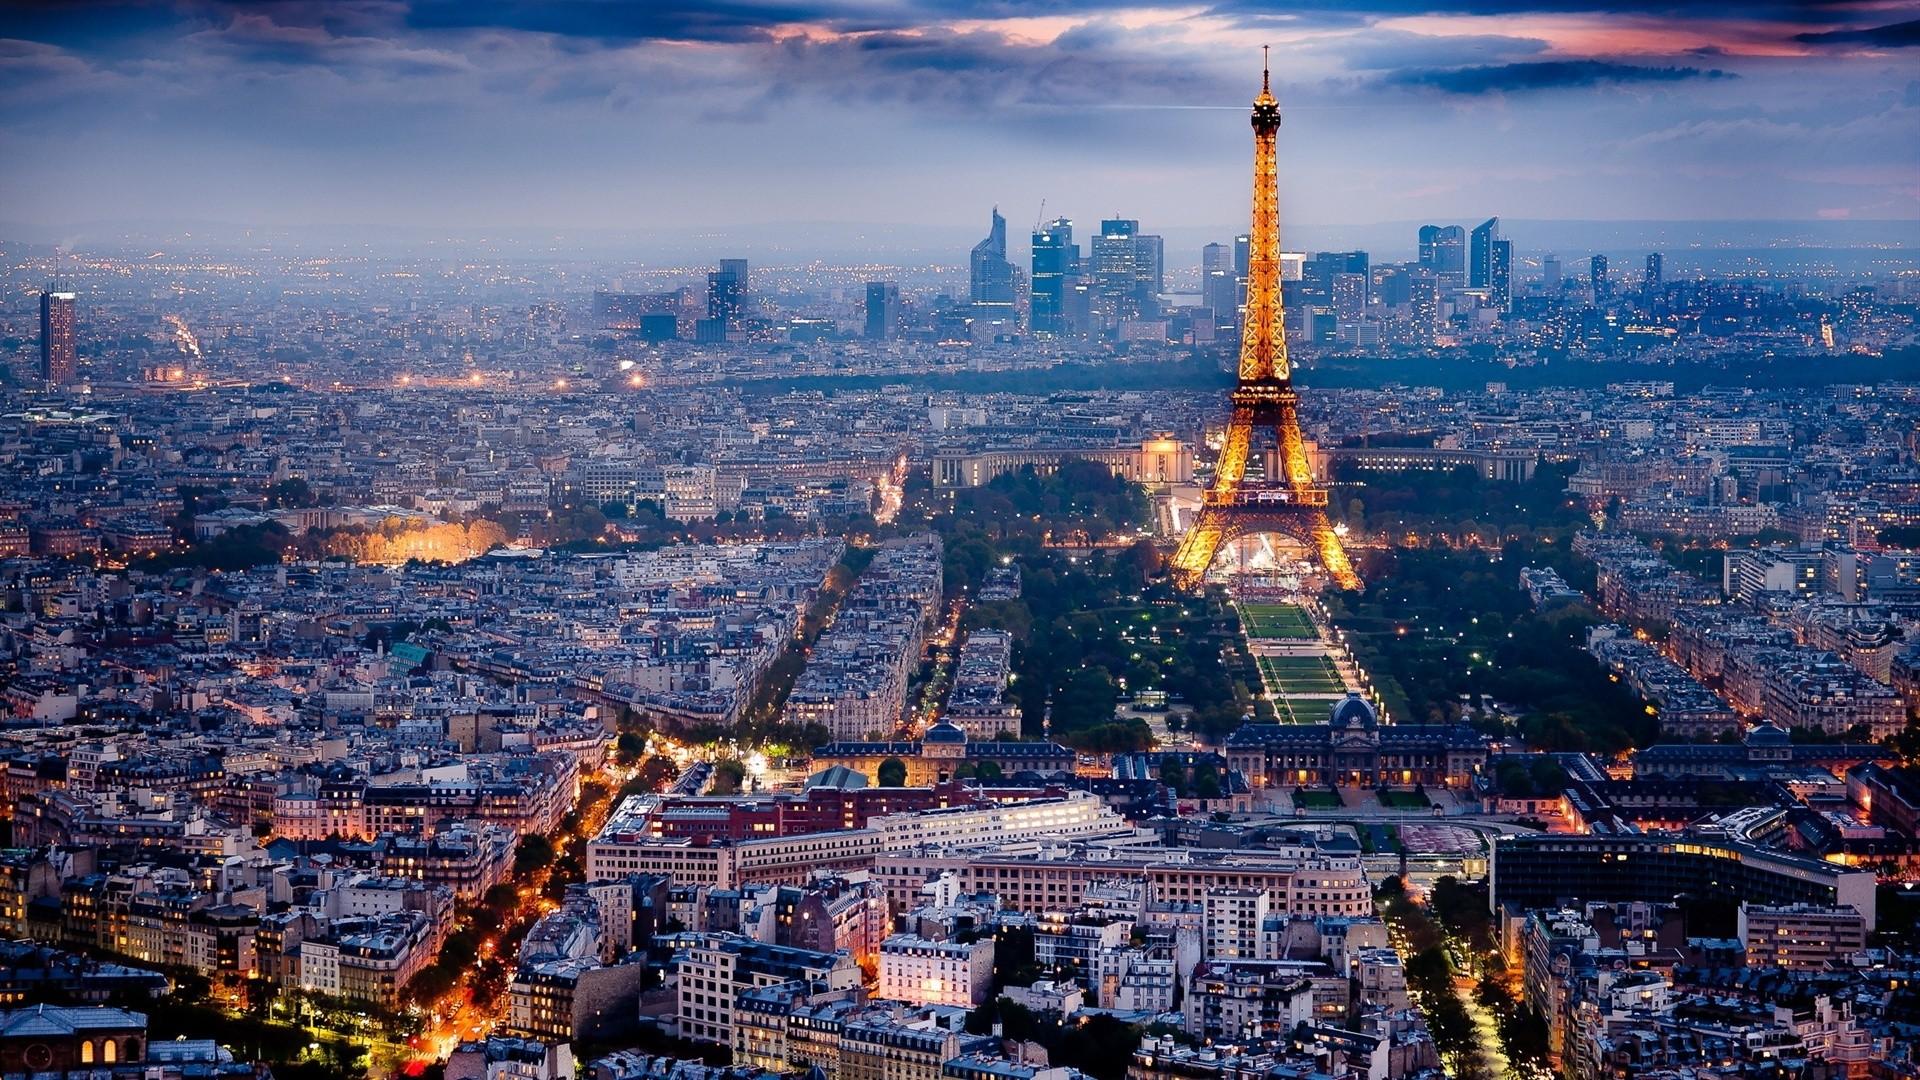 Must see Wallpaper Macbook Paris - 466953  2018_15125.jpg